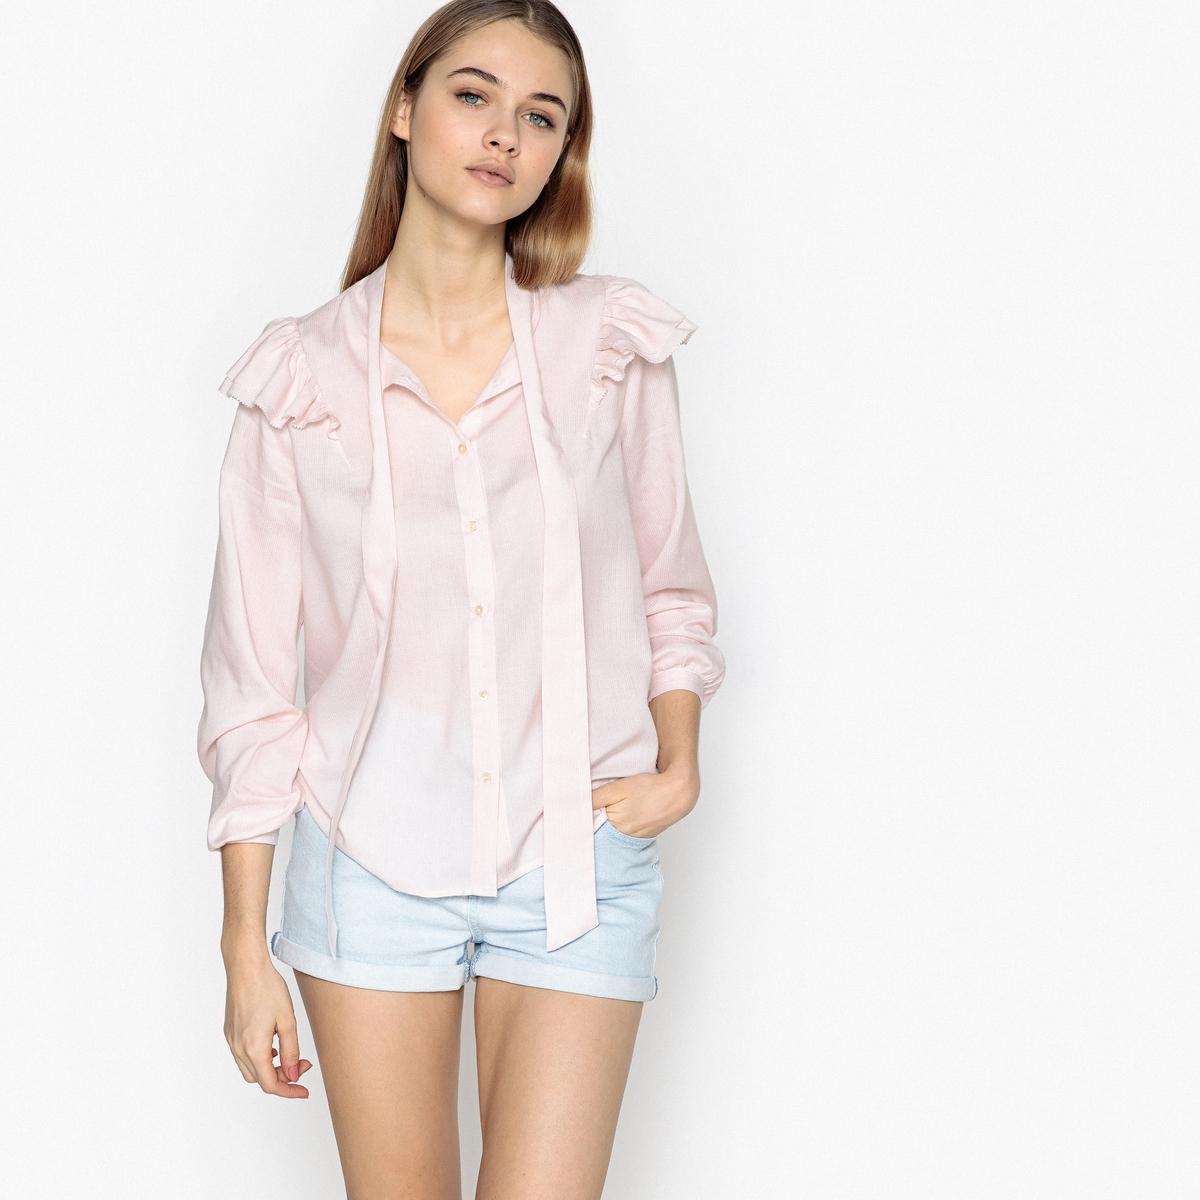 Рубашка La Redoute Прямого покроя с круглым вырезом и длинными рукавами M розовый рубашка la redoute прямого покроя в клетку с длинными рукавами 45 46 серый